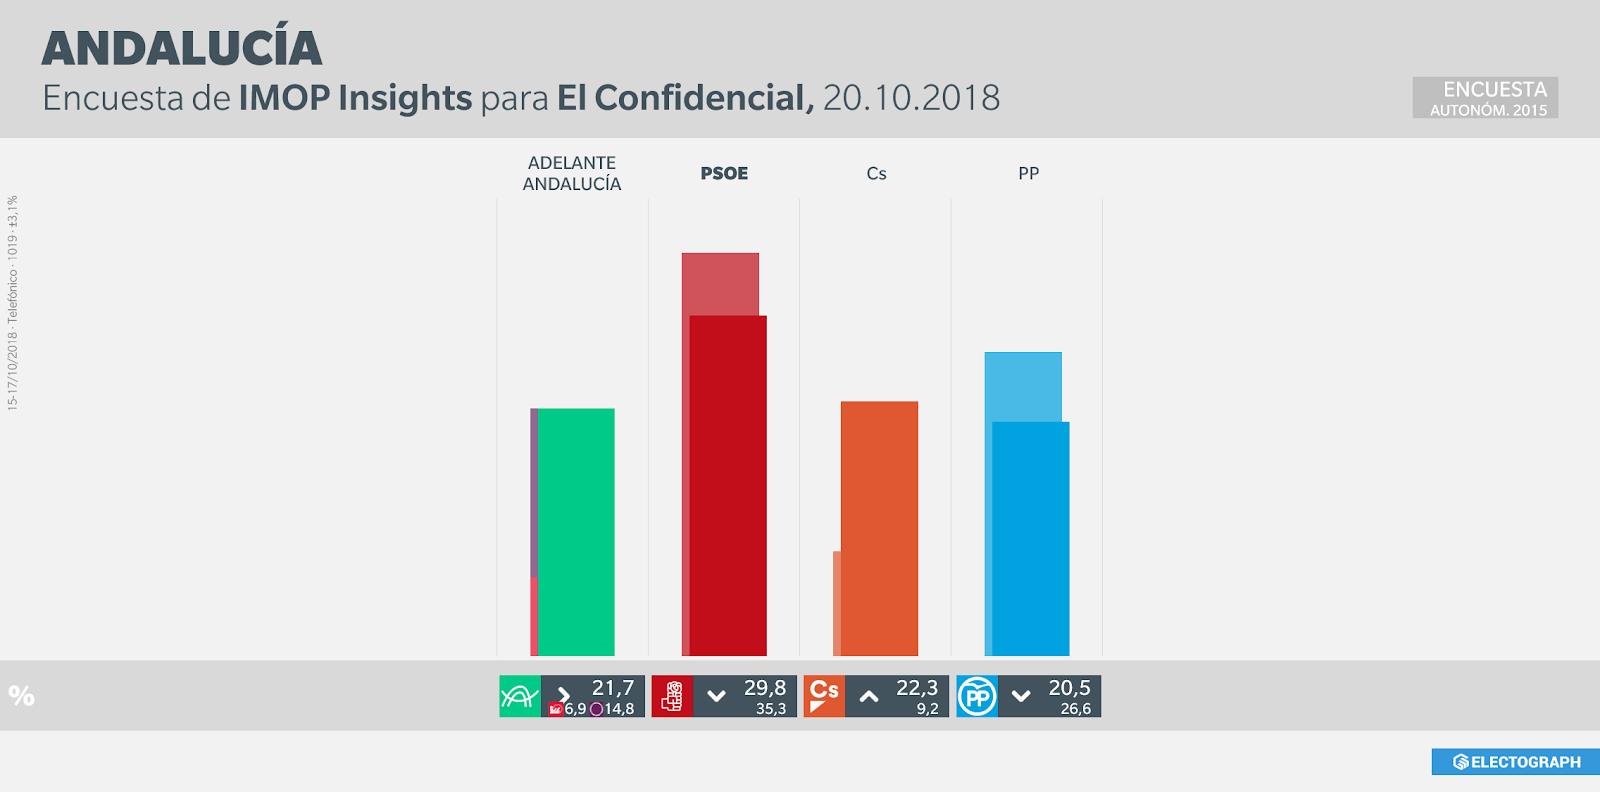 Gráfico de la encuesta para elecciones autonómicas en Andalucía realizada por IMOP Insights para El Confidencial en octubre de 2018